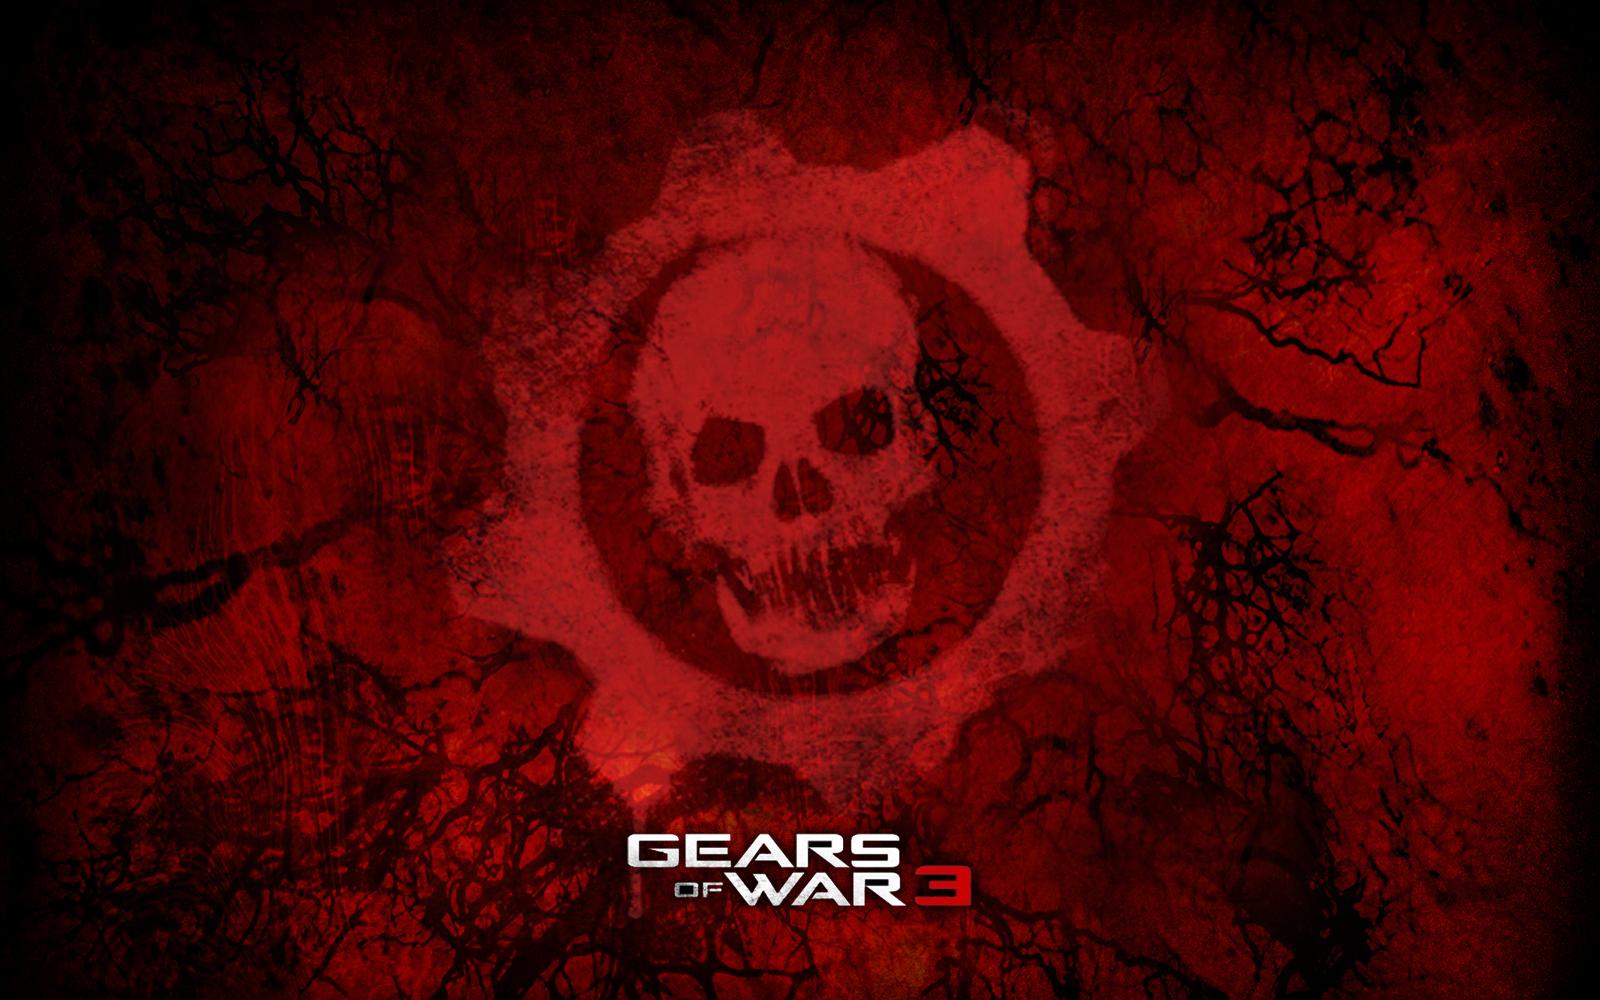 Gears of War 3 Wallpaper 1600x1000 1600x1000